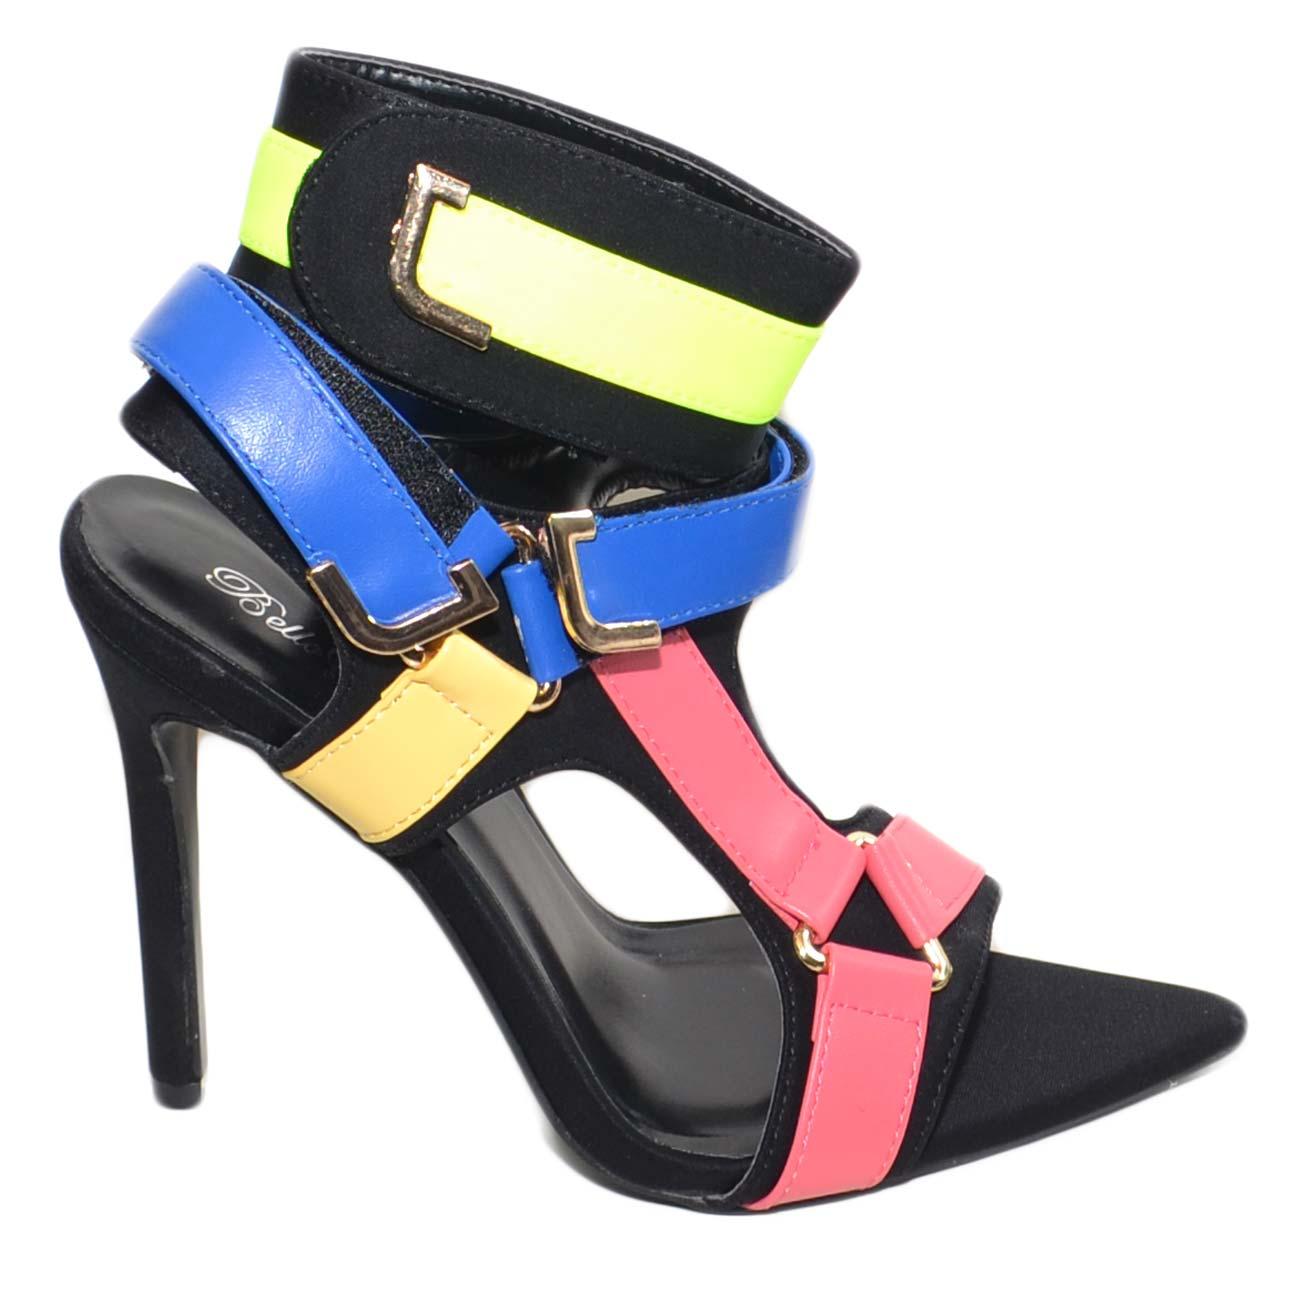 best loved 44231 208cf Sandalo donna colorato a punta con fibbie colorate rosa giallo blu tendenza  moda tacco a spillo 12 cinturino caviglia donna sandali tacco Malu Shoes |  ...